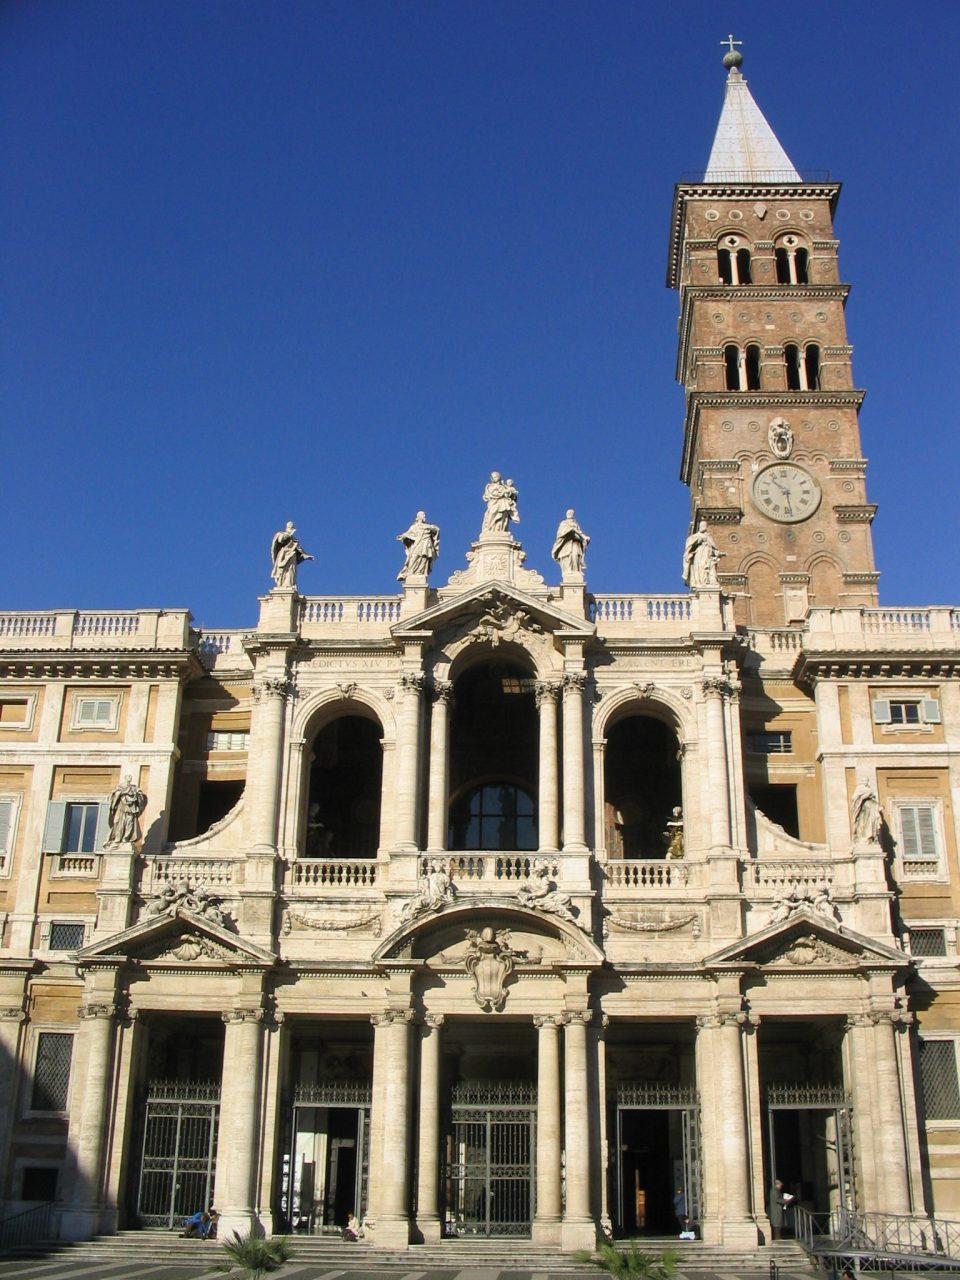 Roma, Basilica di Santa Maria Maggiore, voorgevel 1